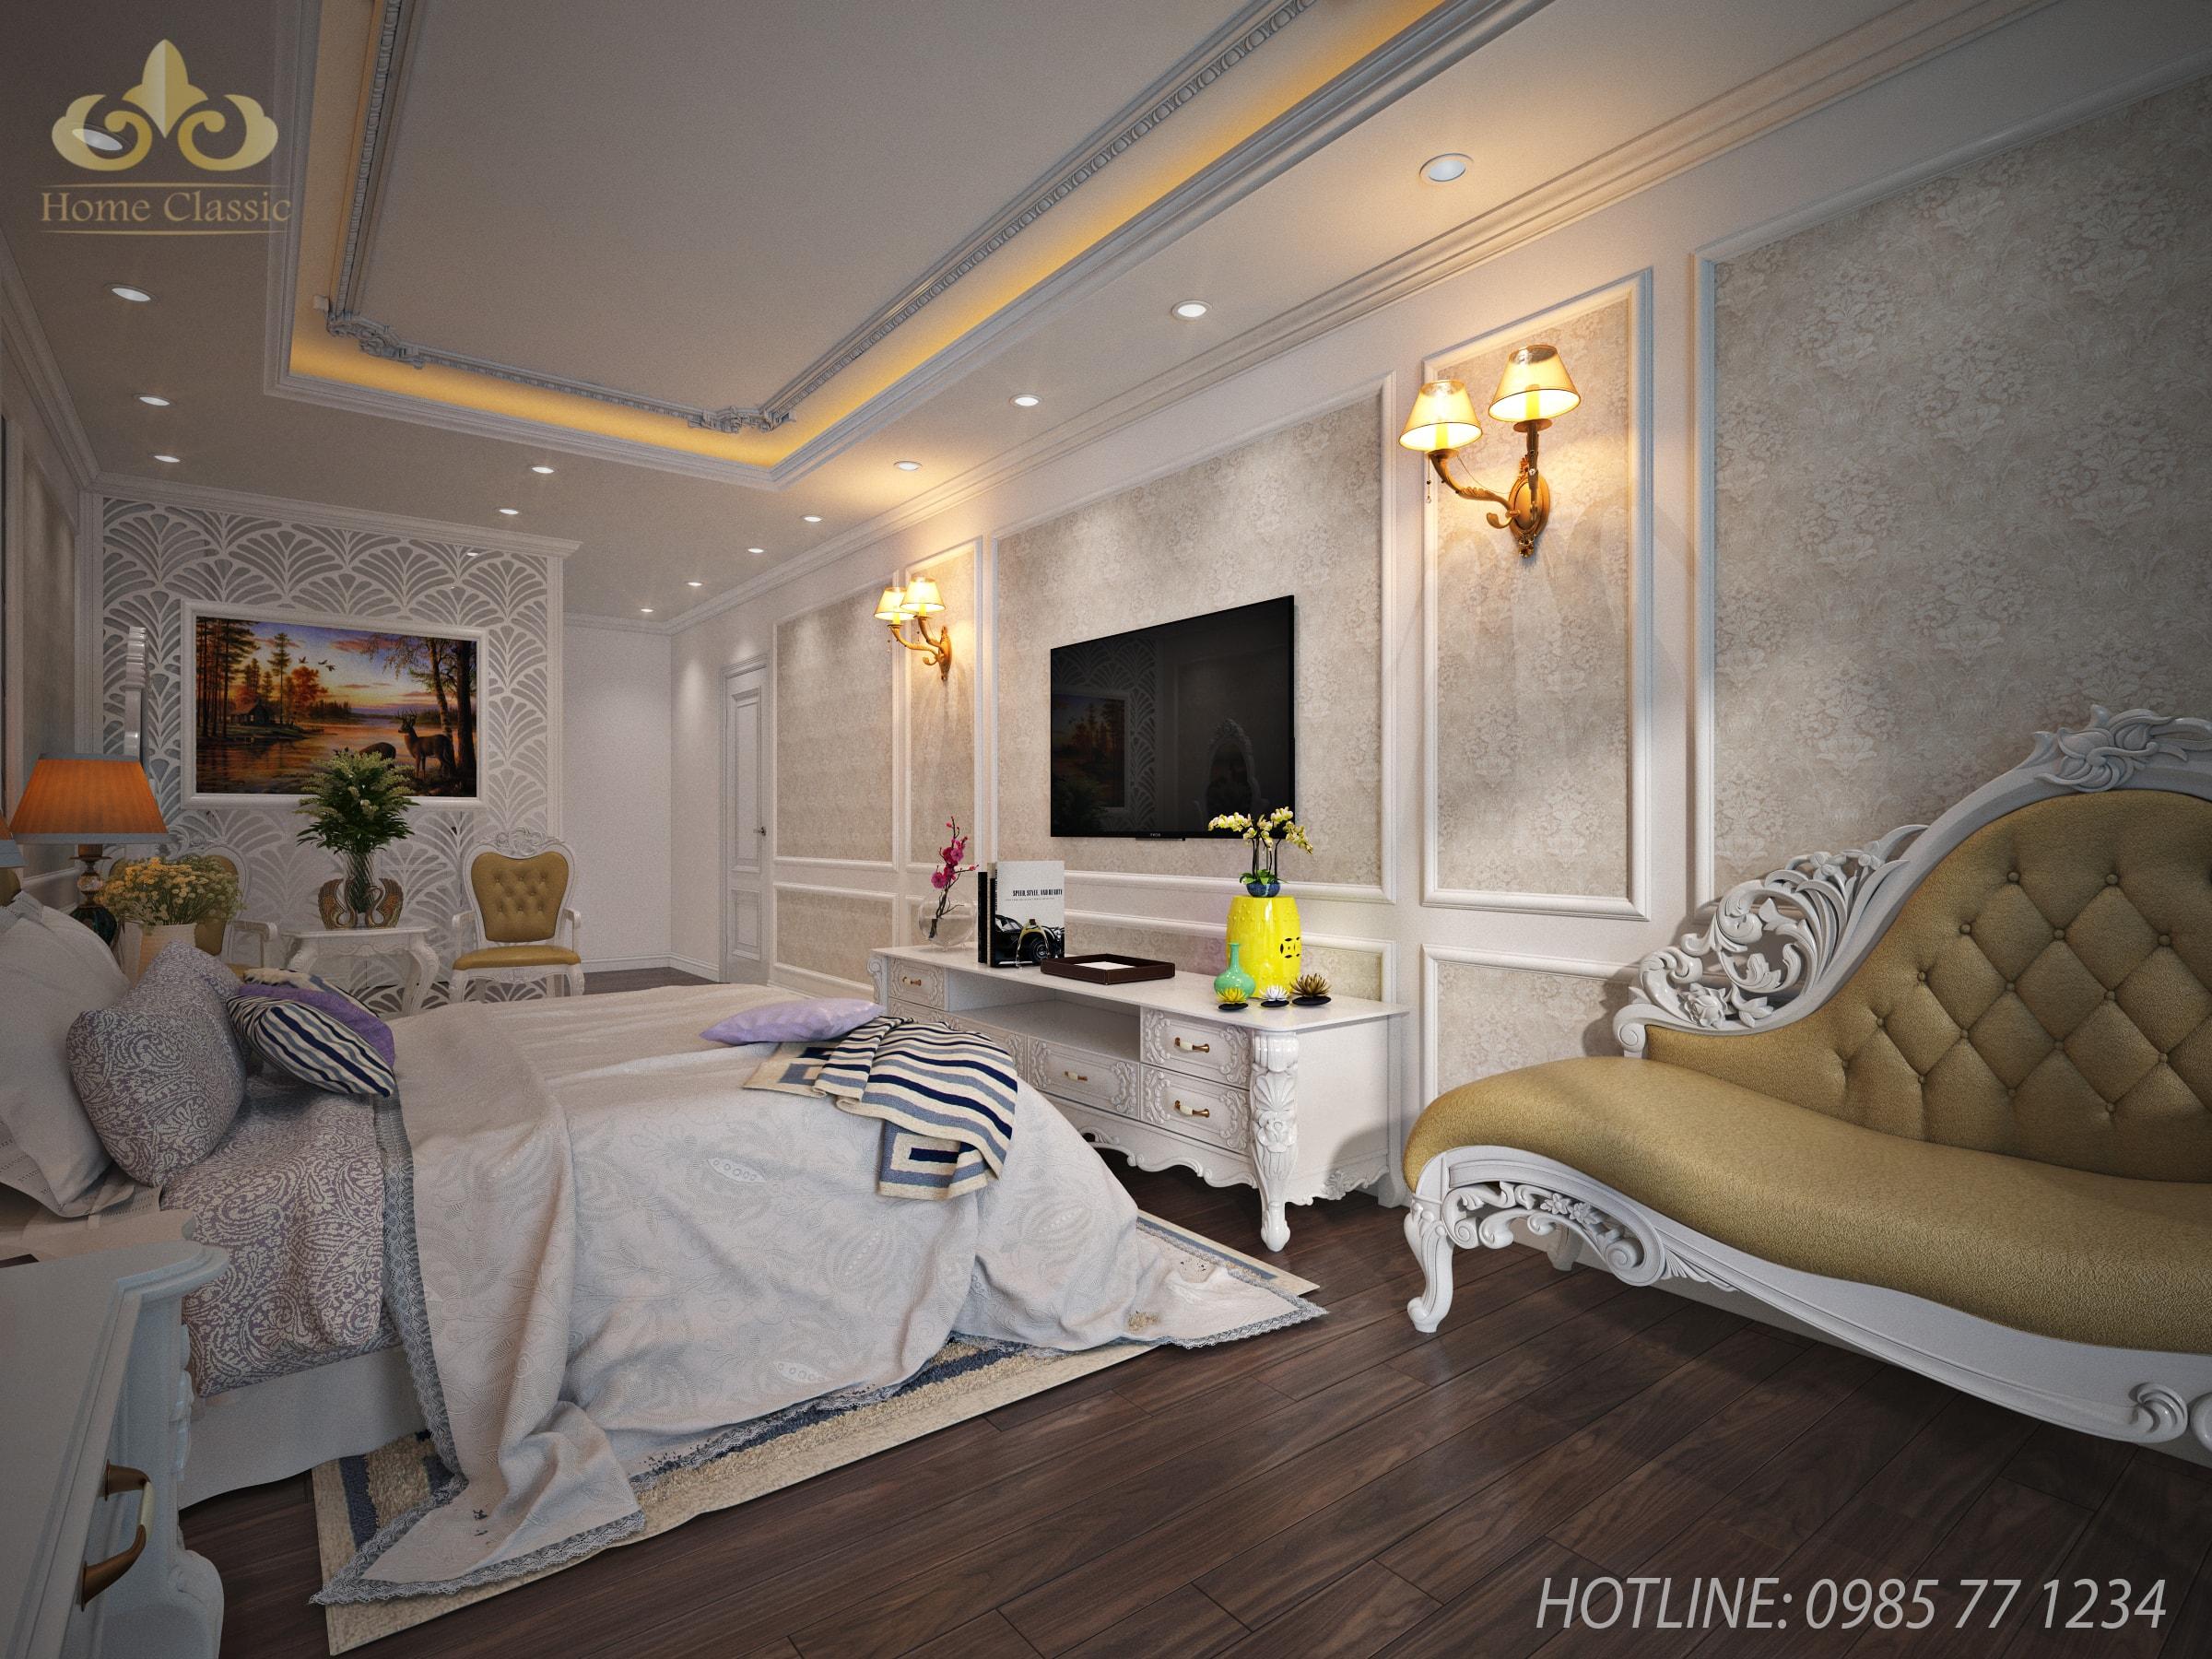 Thiết kế, thi công nội thất tân cổ điển Hà Nội 221